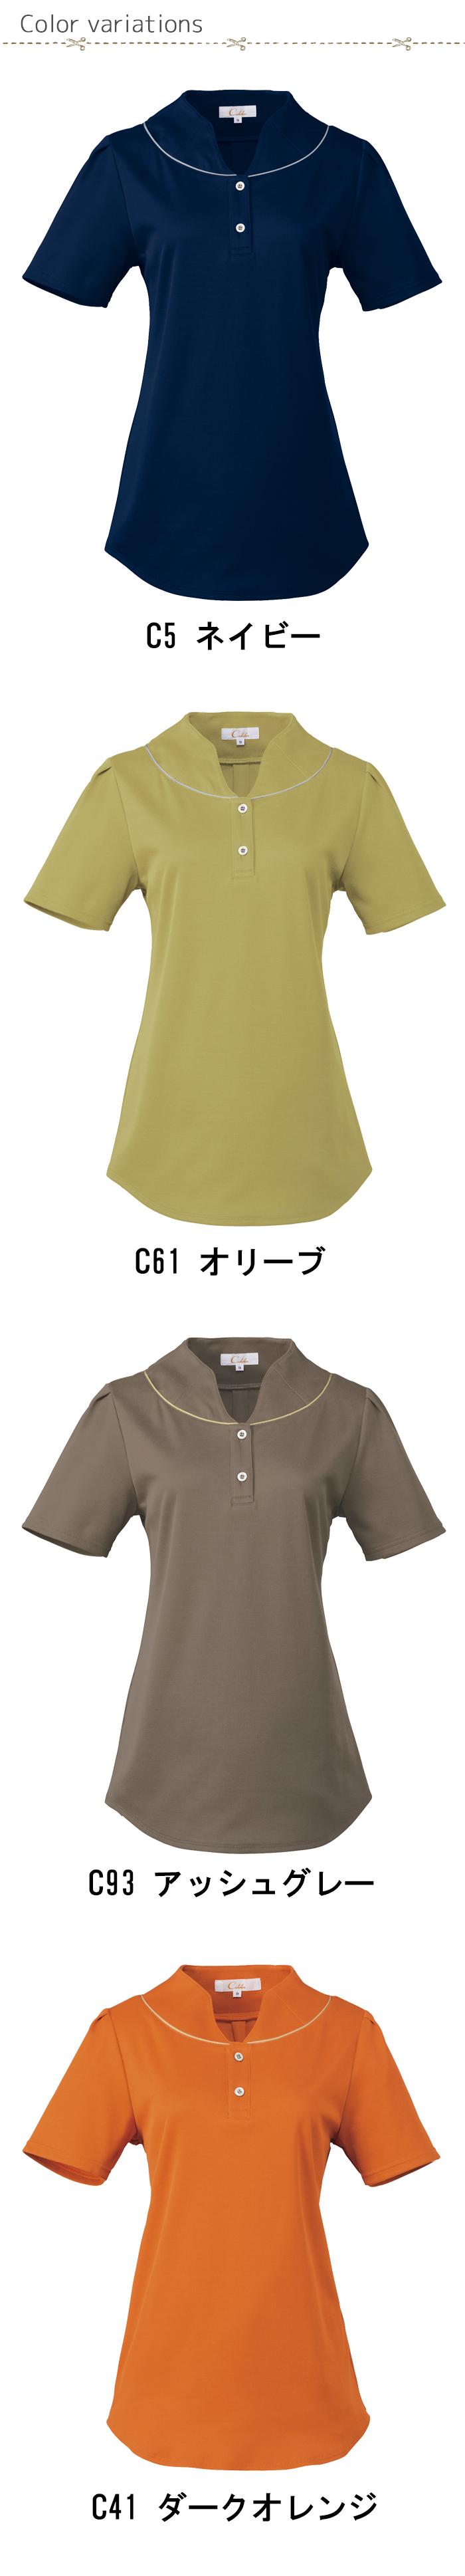 【エステサロン・整体マッサージ】肌触りが気持ちいいニットシャツ